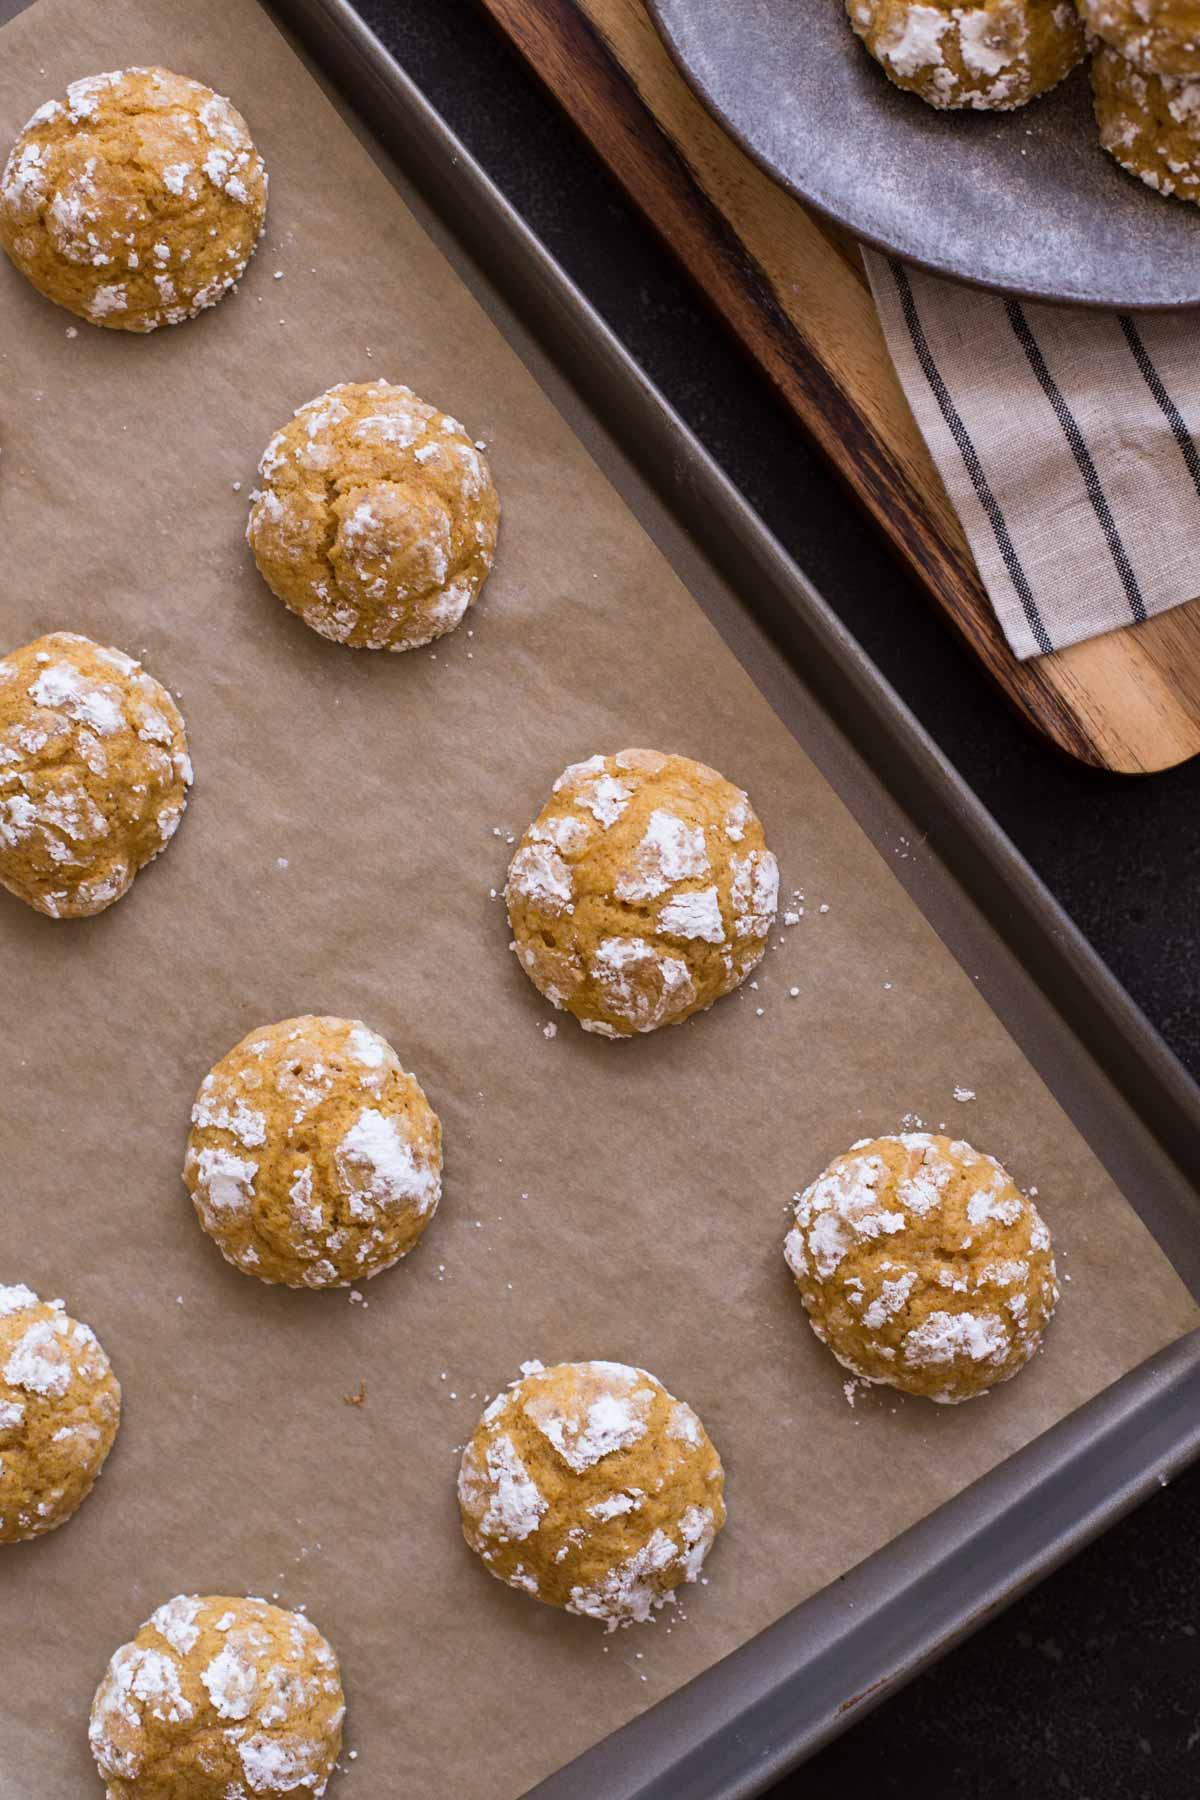 Soft Pumpkin Cookies on a baking sheet.